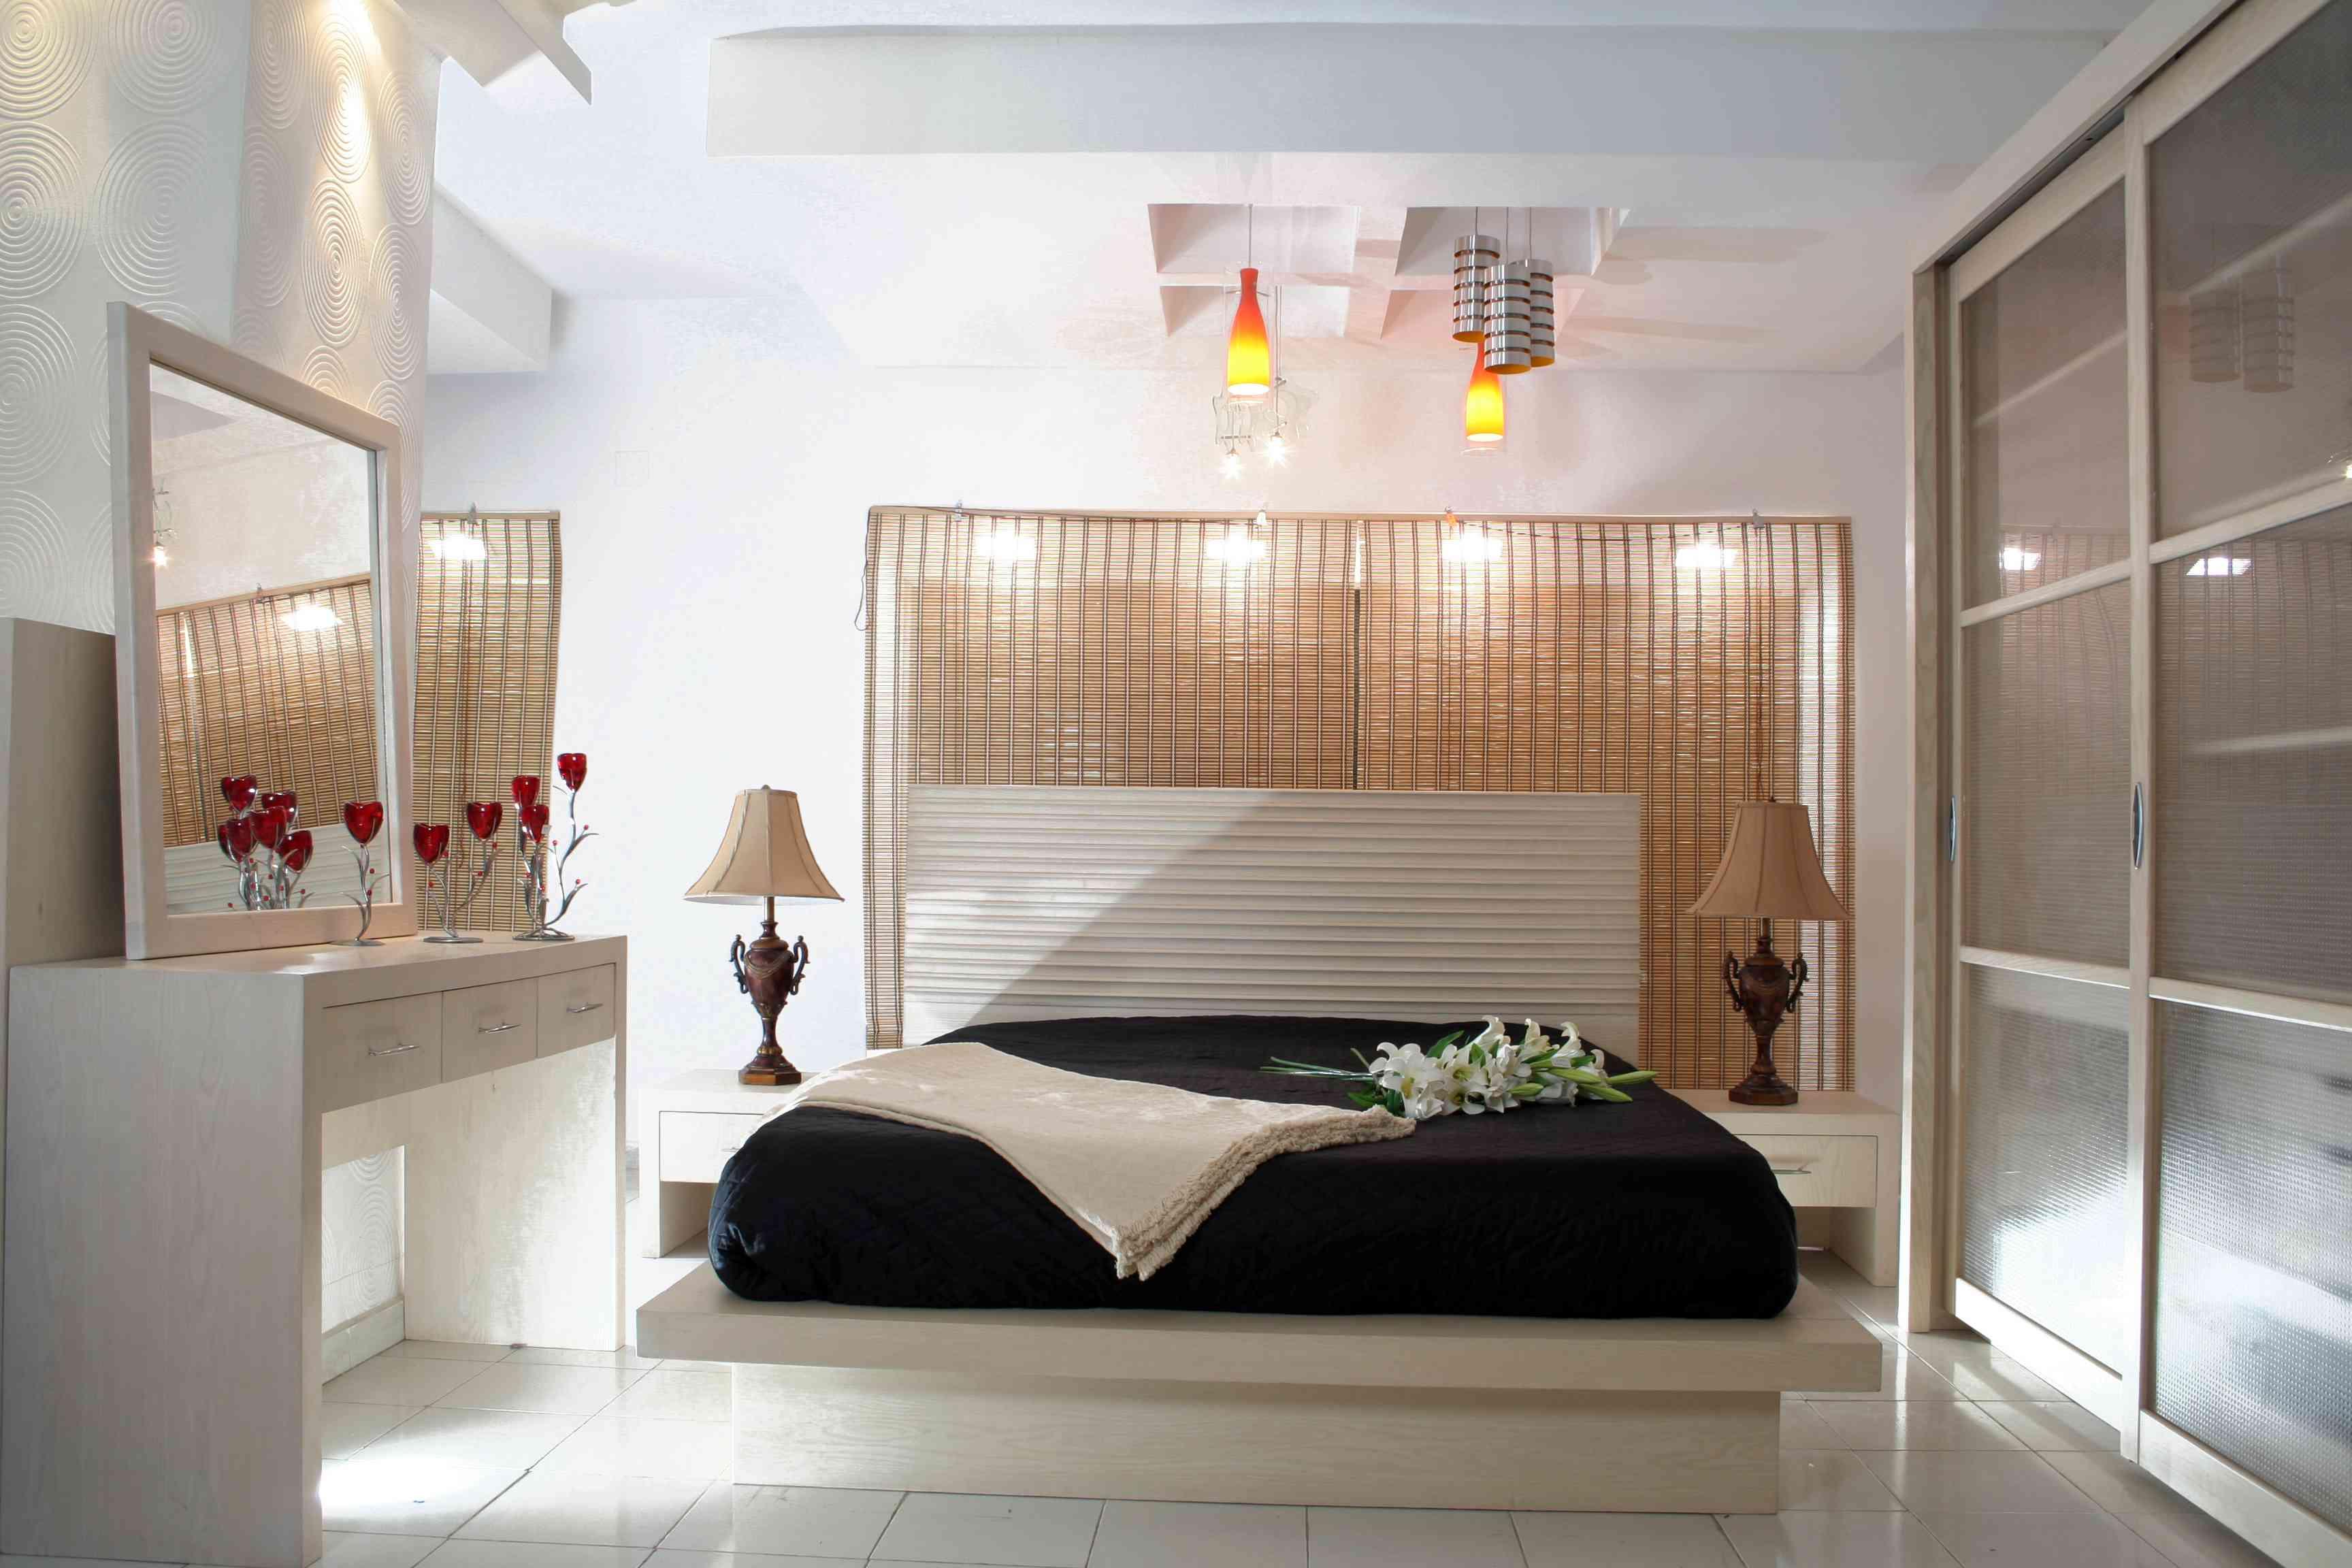 تصاميم غرف نوم متزوجين | المرسال